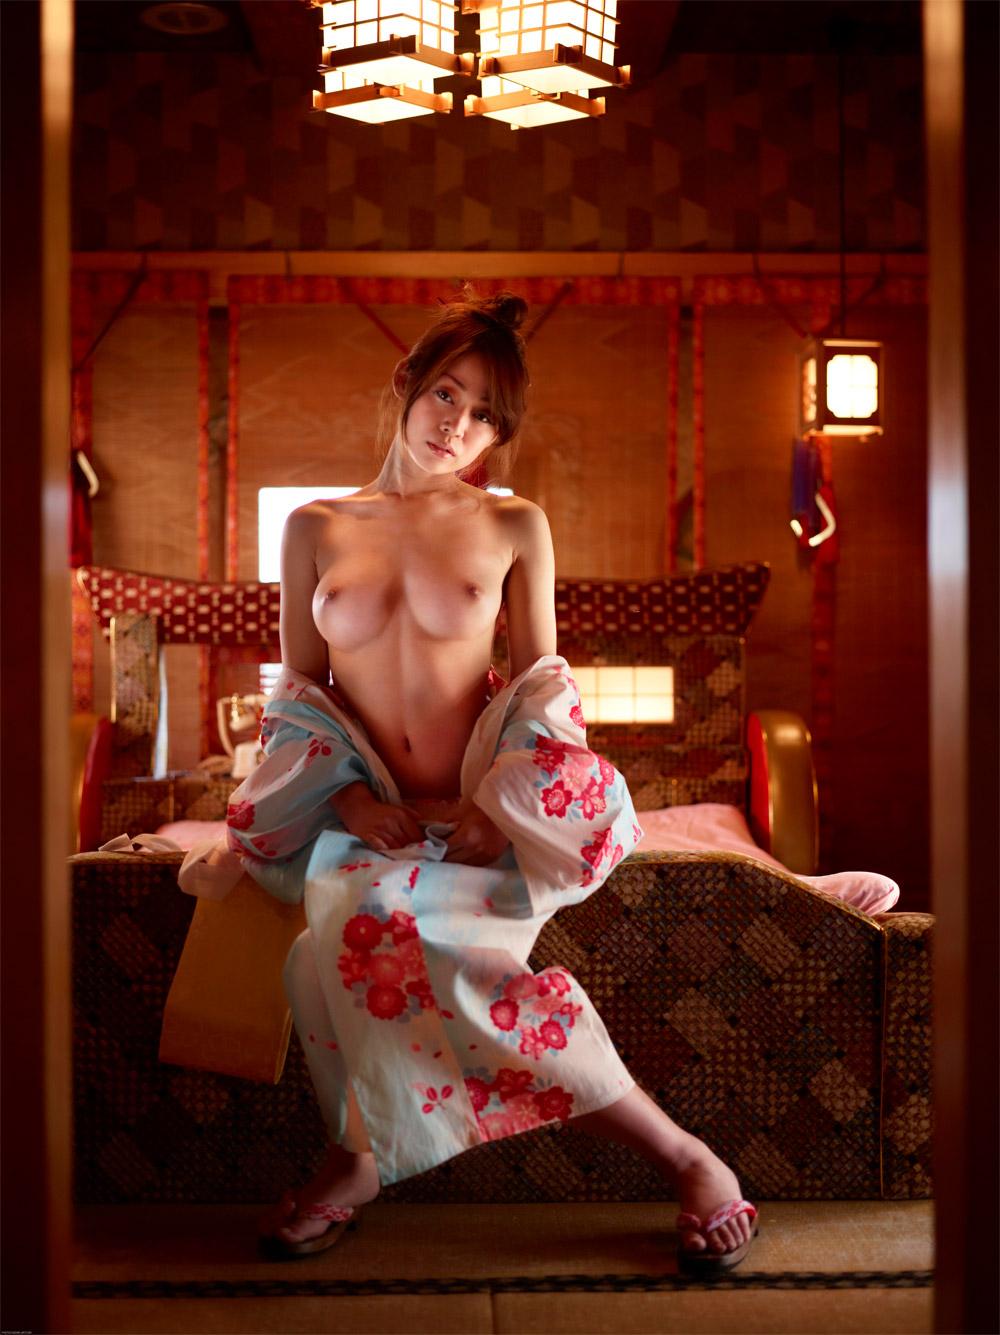 буквально днях фото и фильмы девушки японки эротика негативной реакцией было